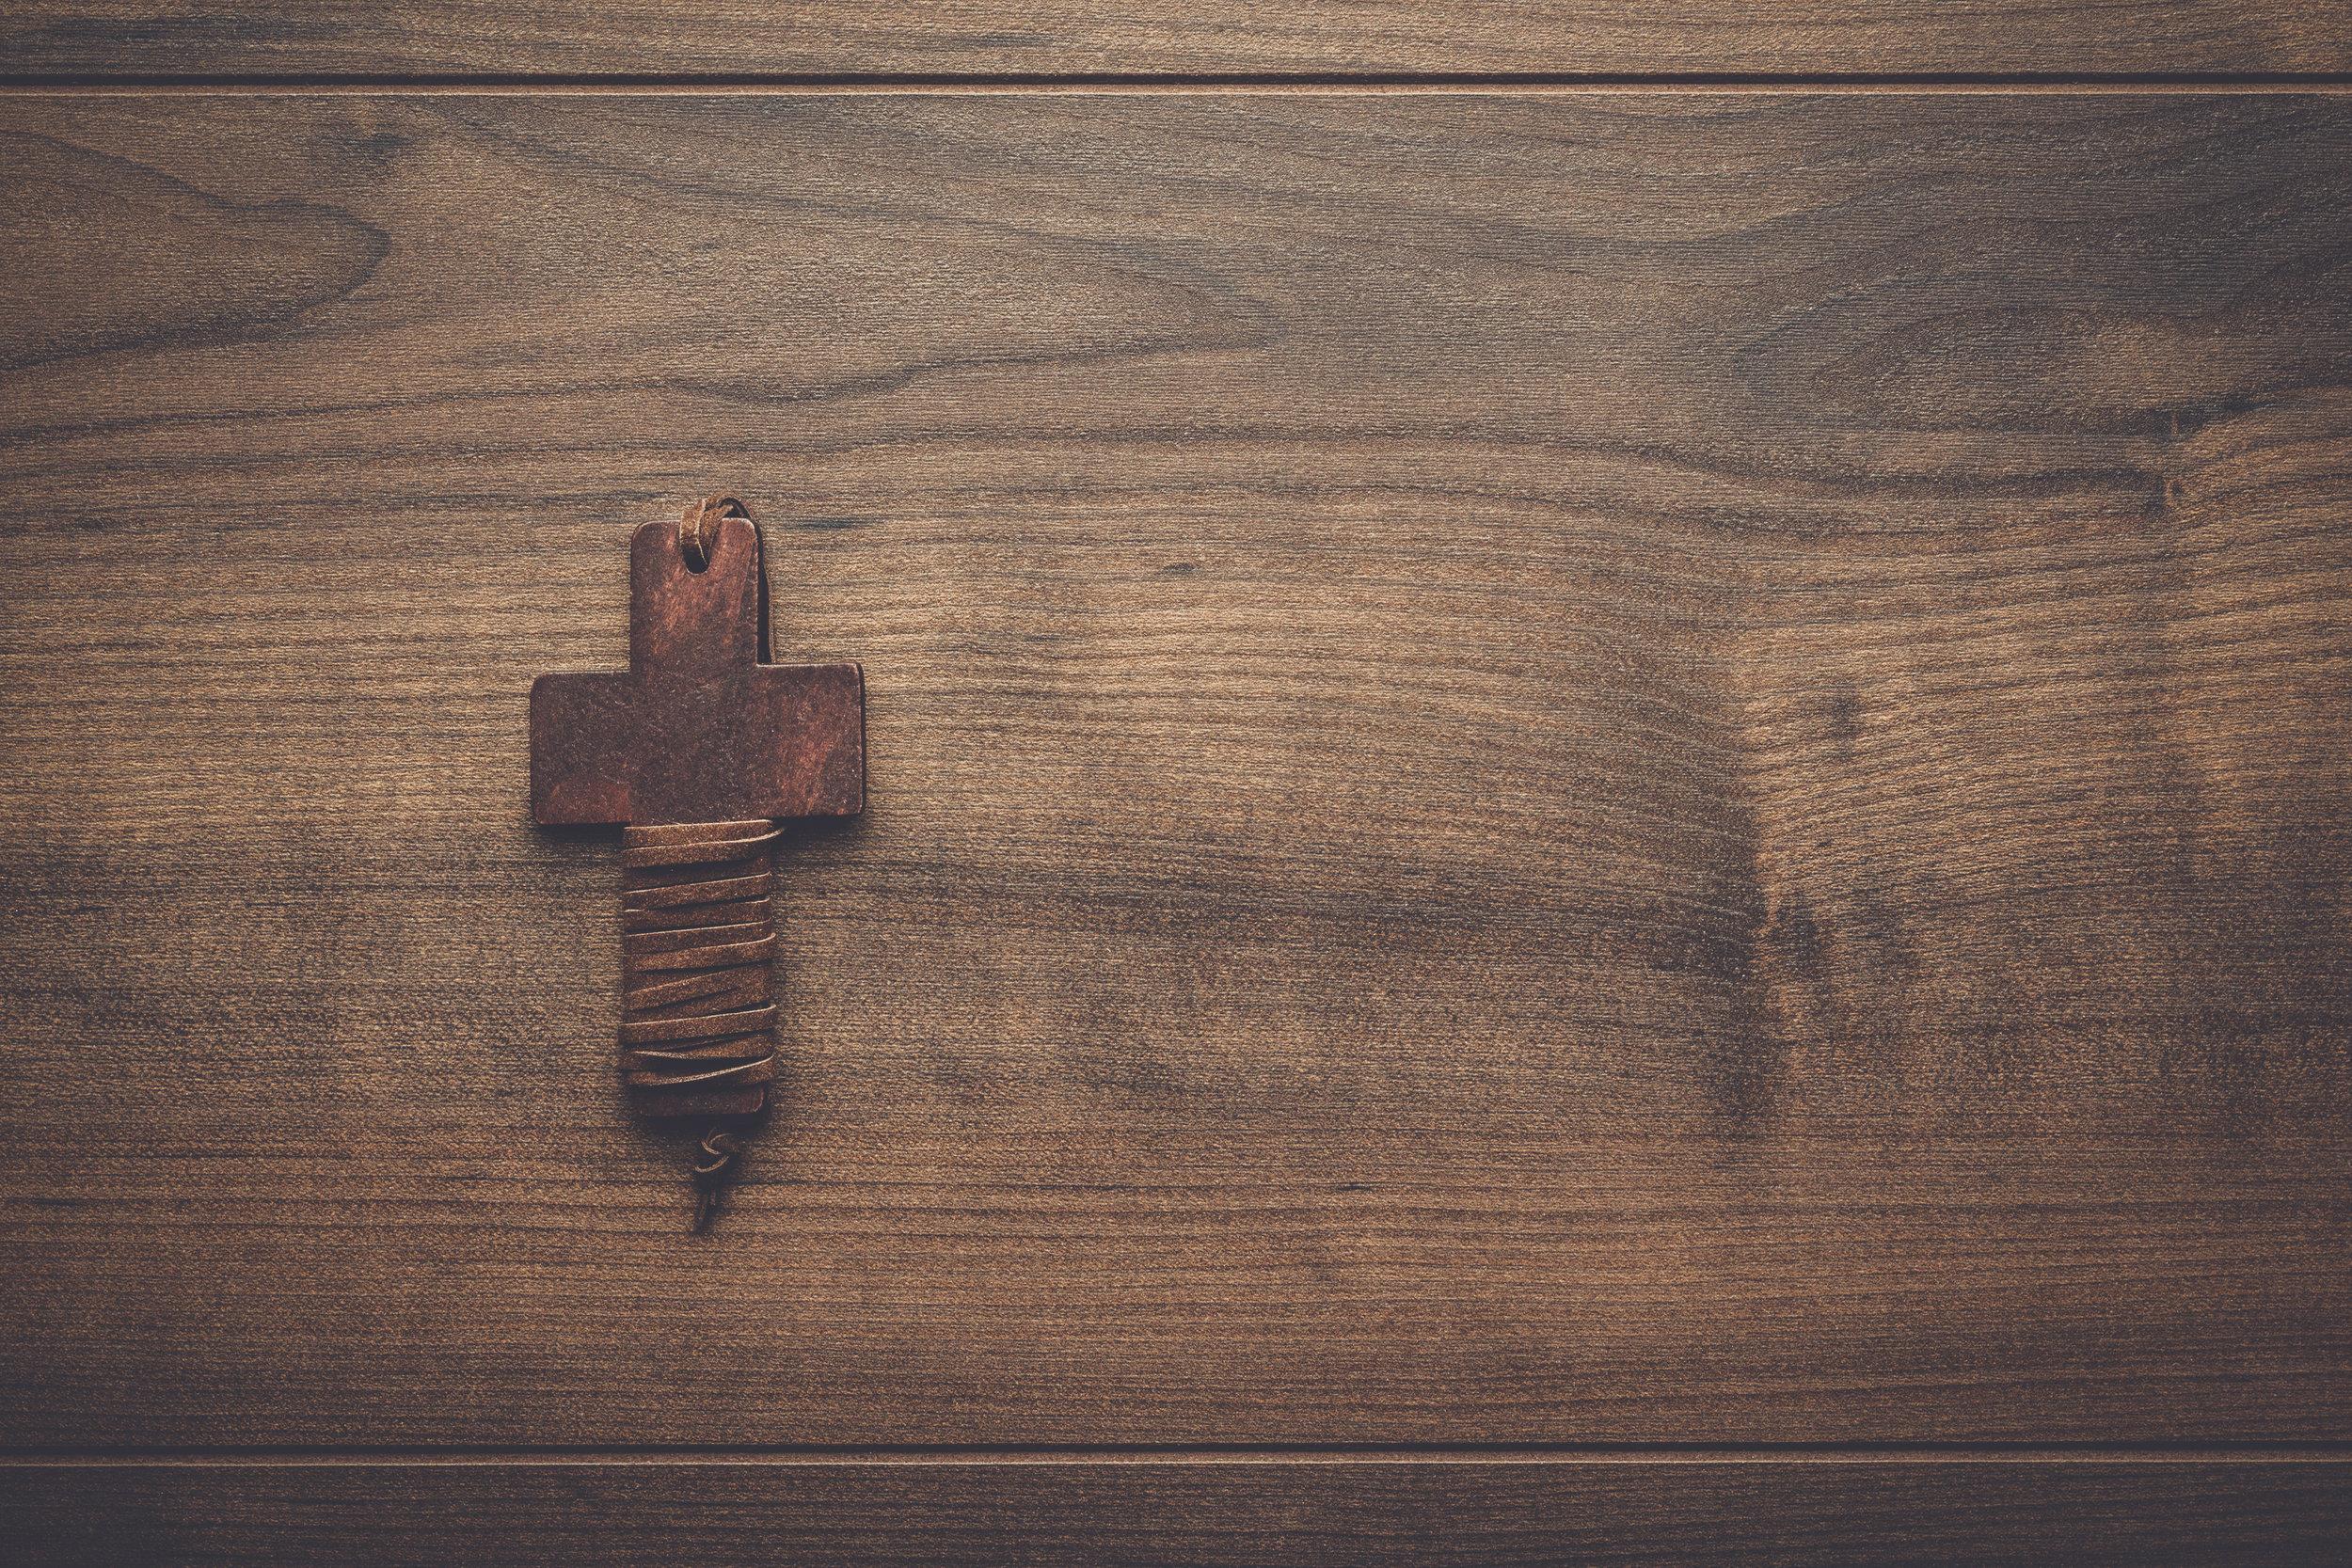 cross-over-brown-wooden-background-PMUBFLU.jpg